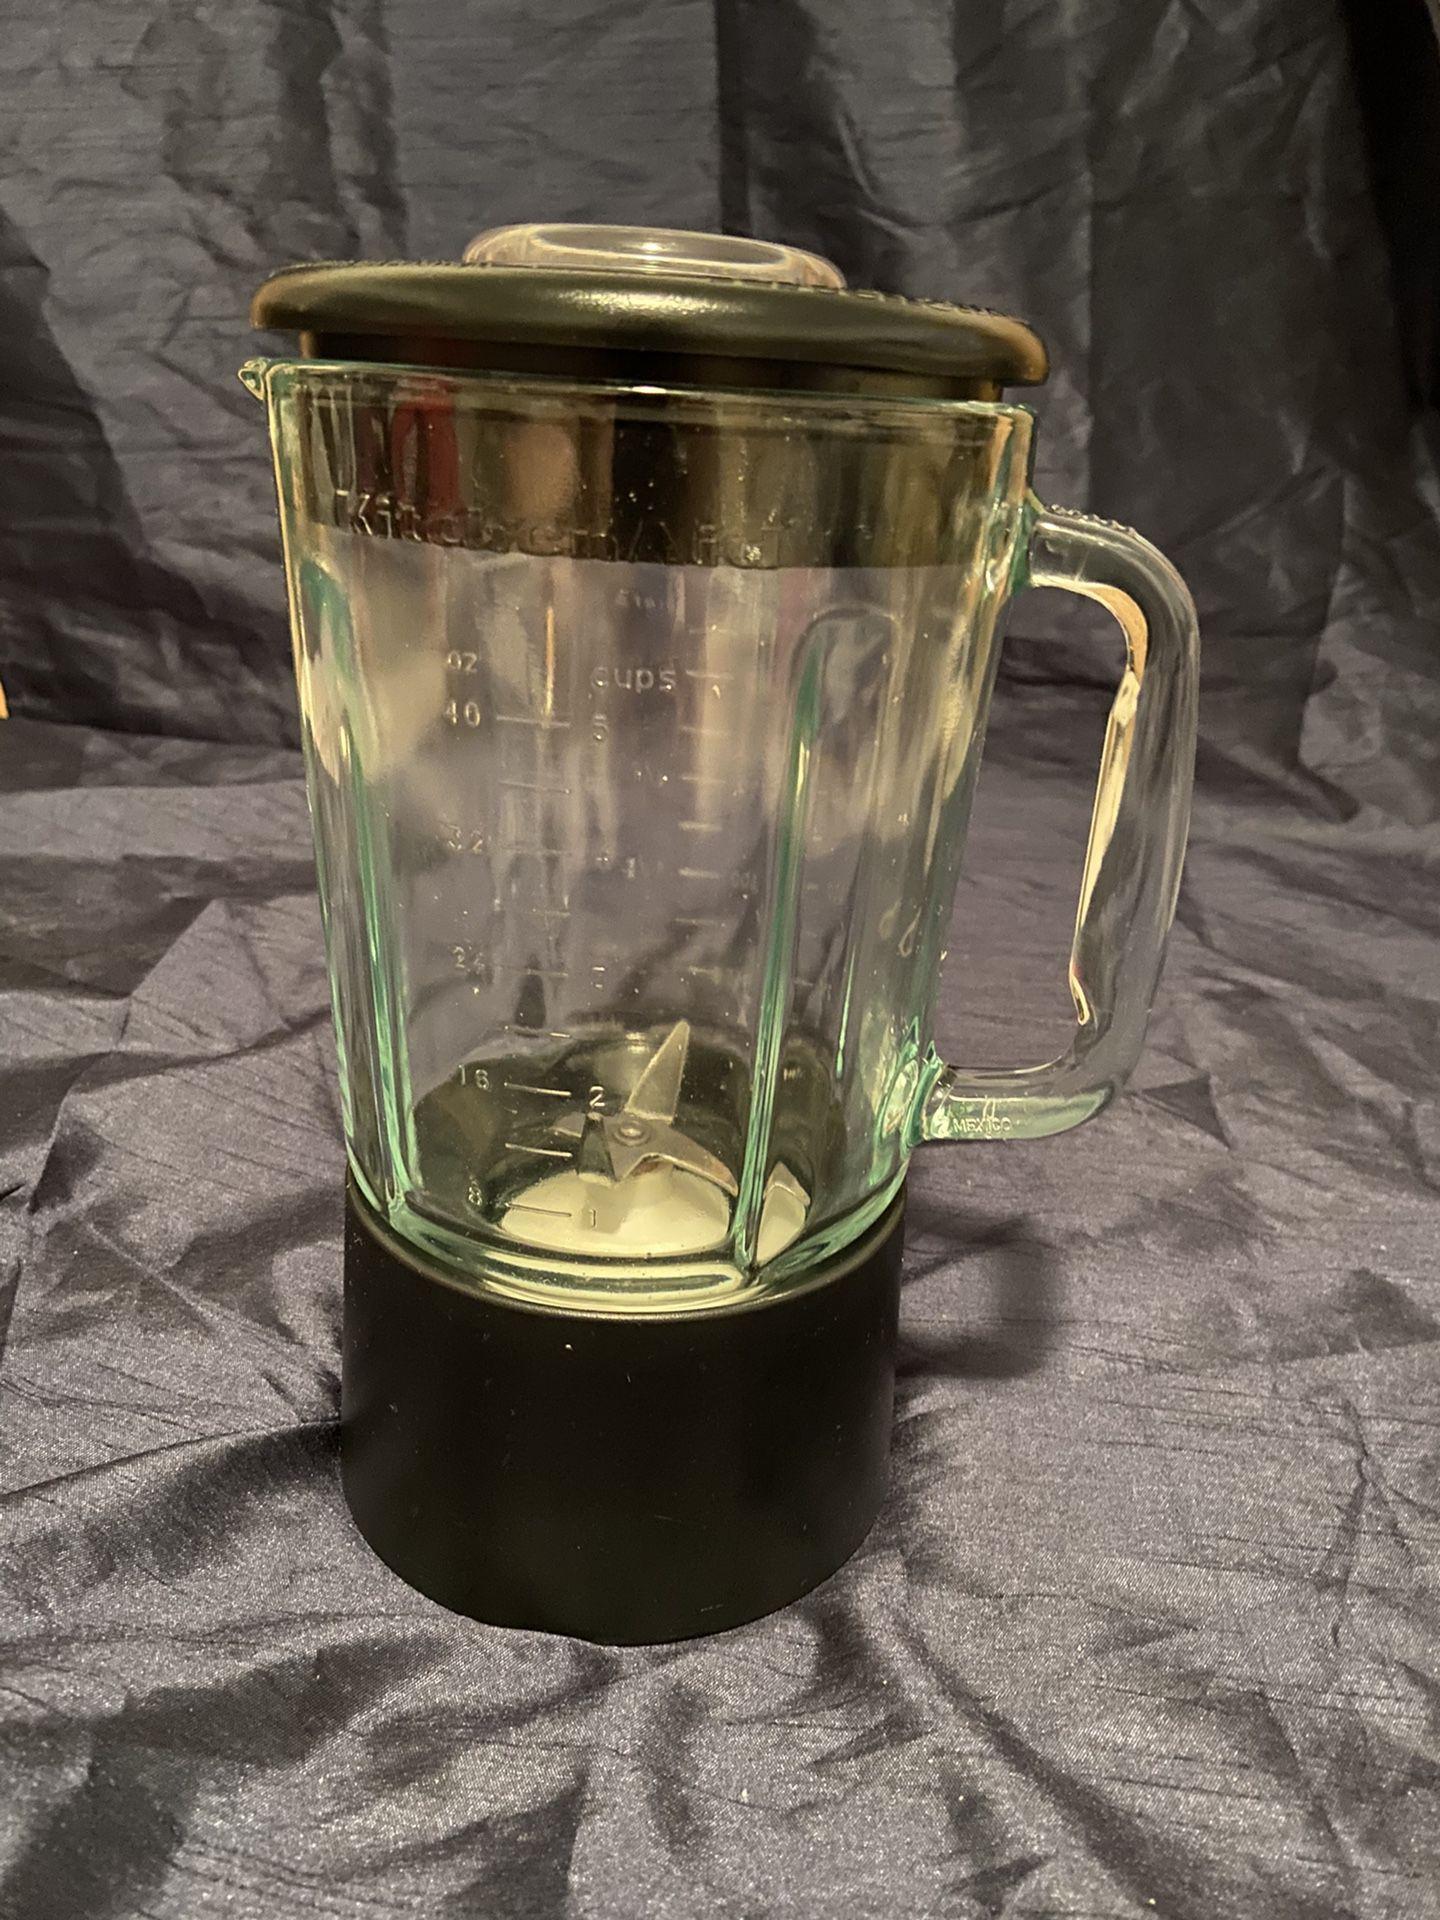 KitchenAid Glass Jar